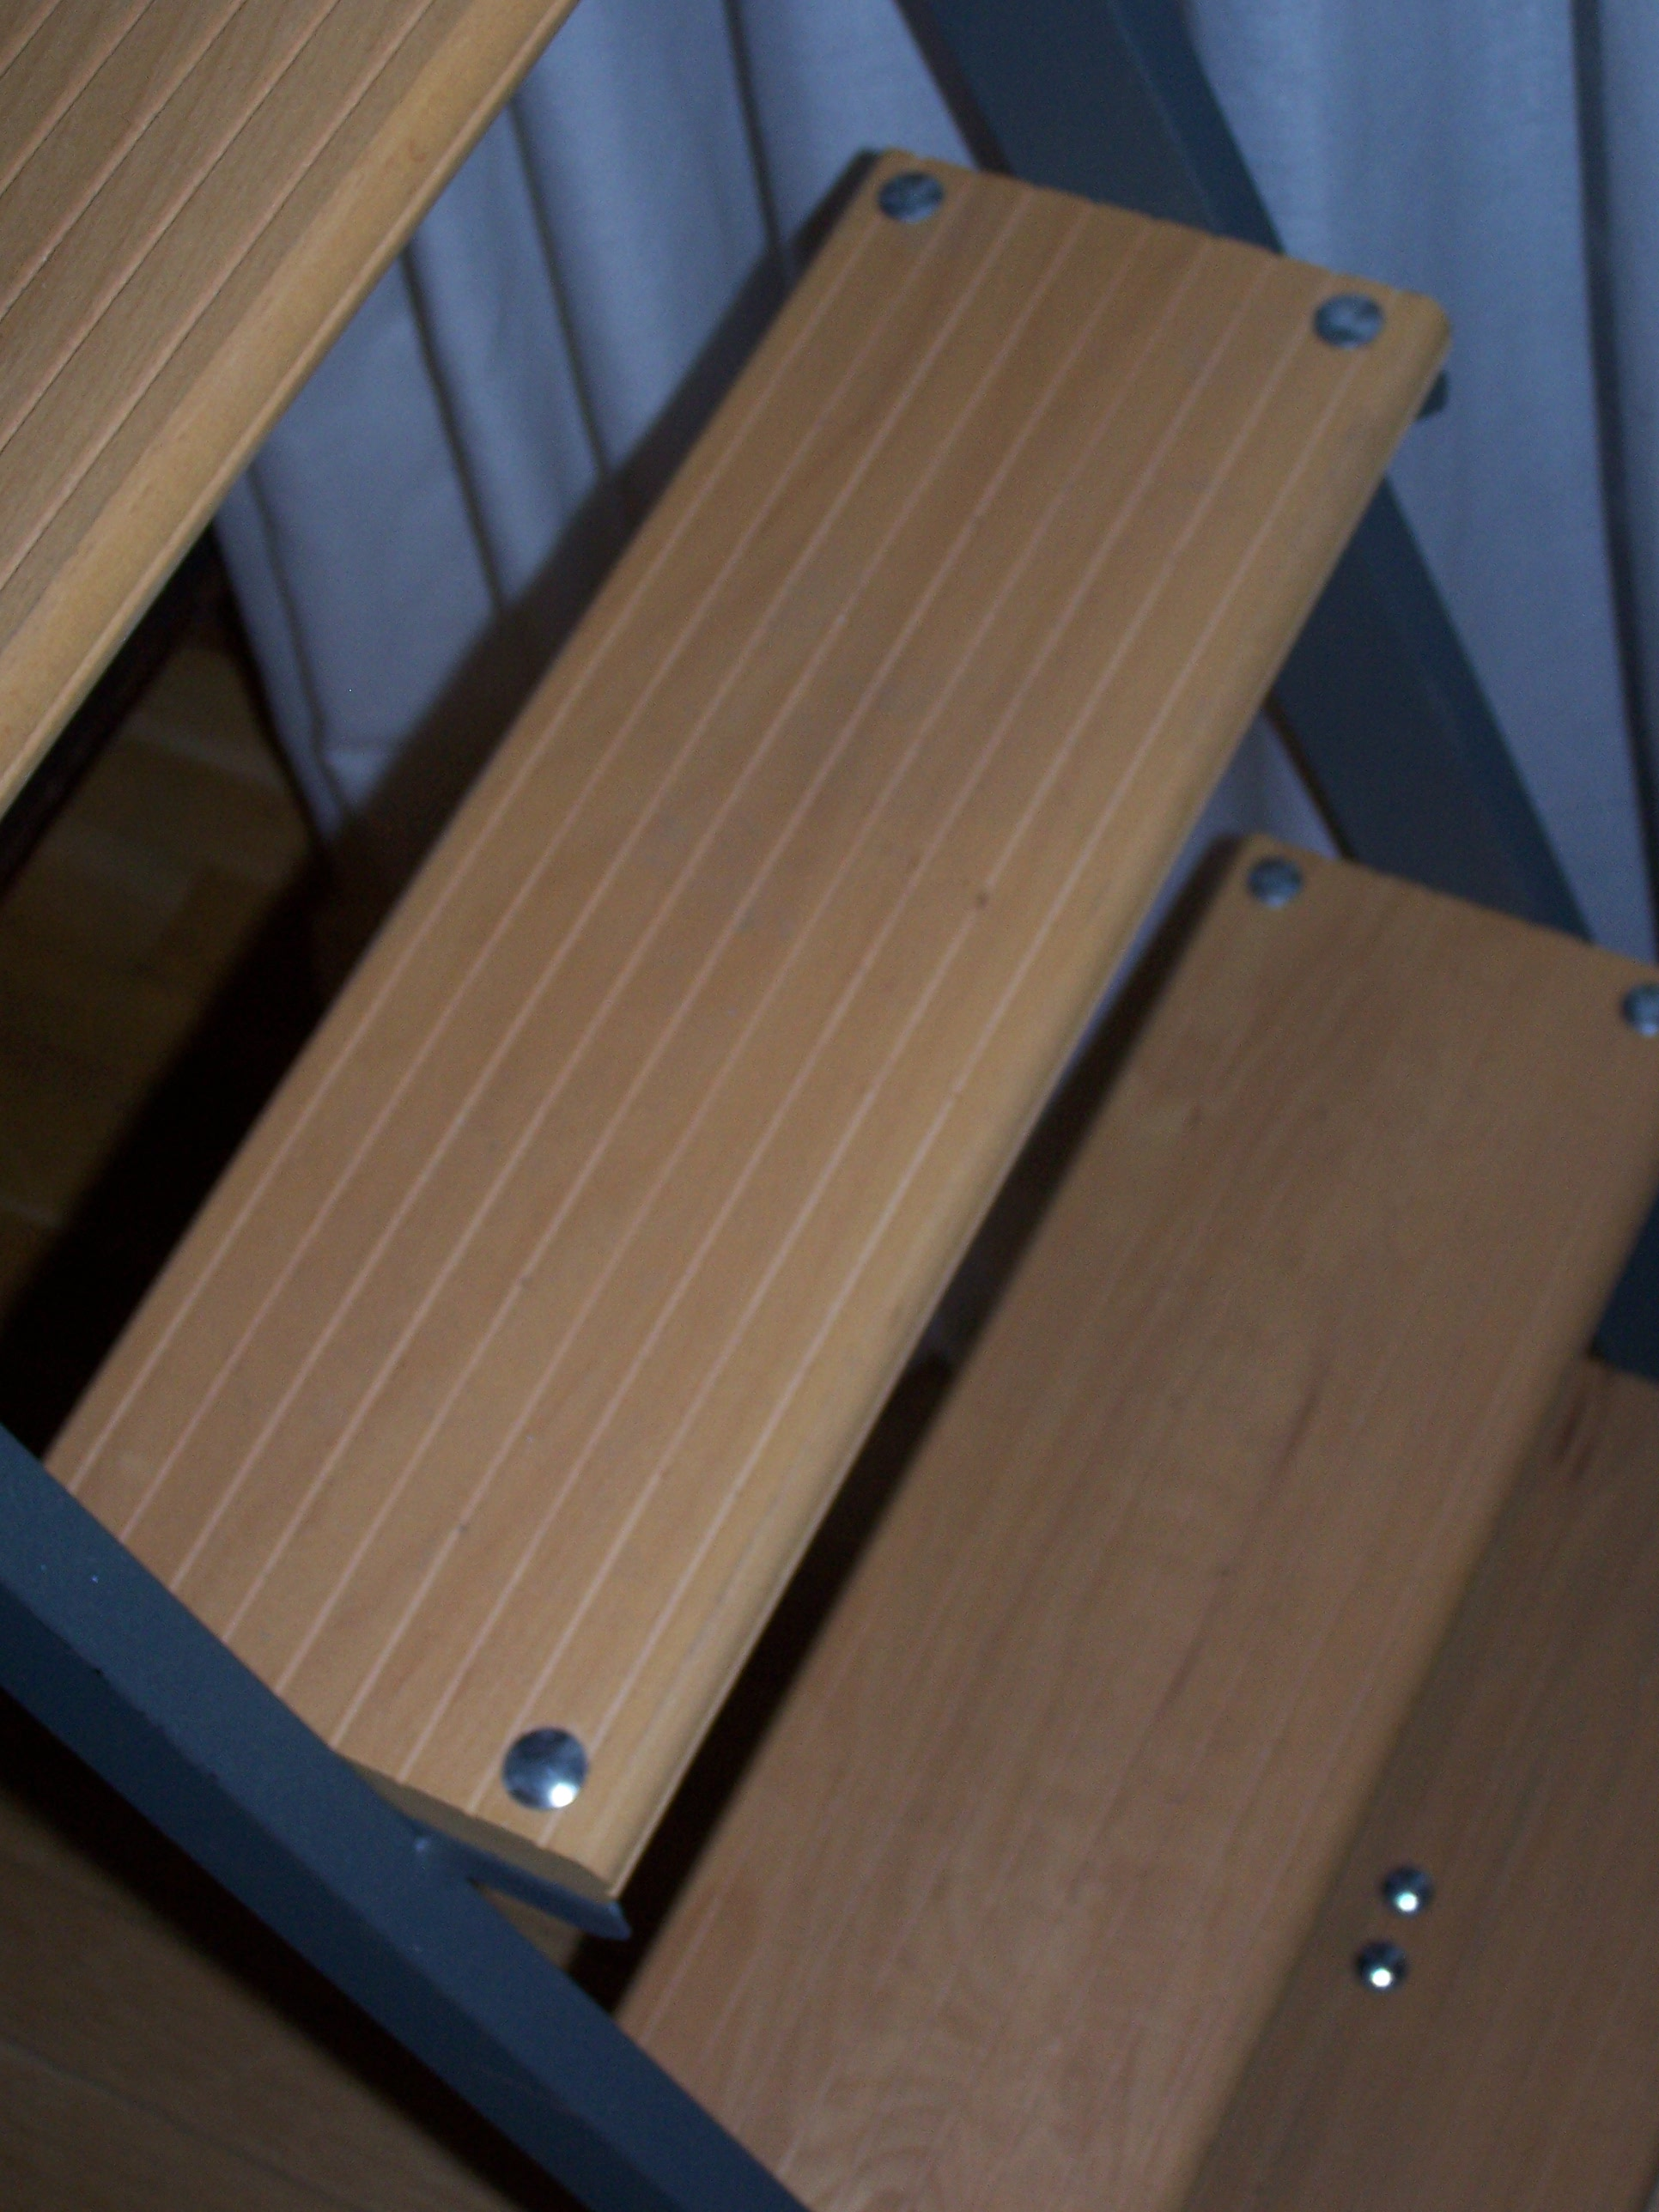 Stufen-Anlegeleiter mit Holzstufen und rechteckigen Stahl-Holmen